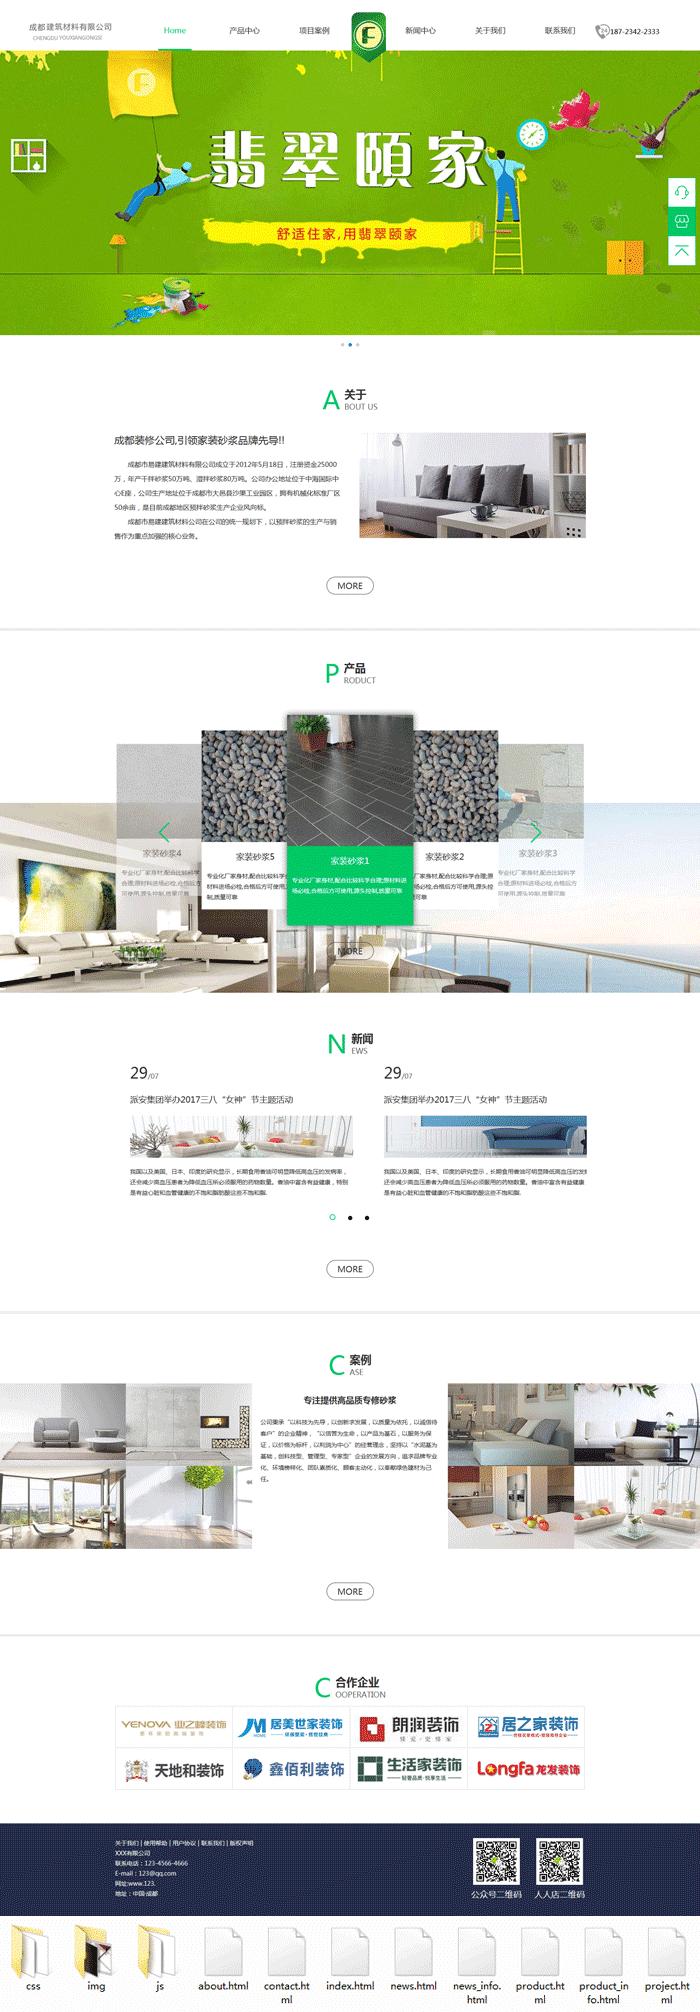 绿色的建筑材料装修公司网站模板